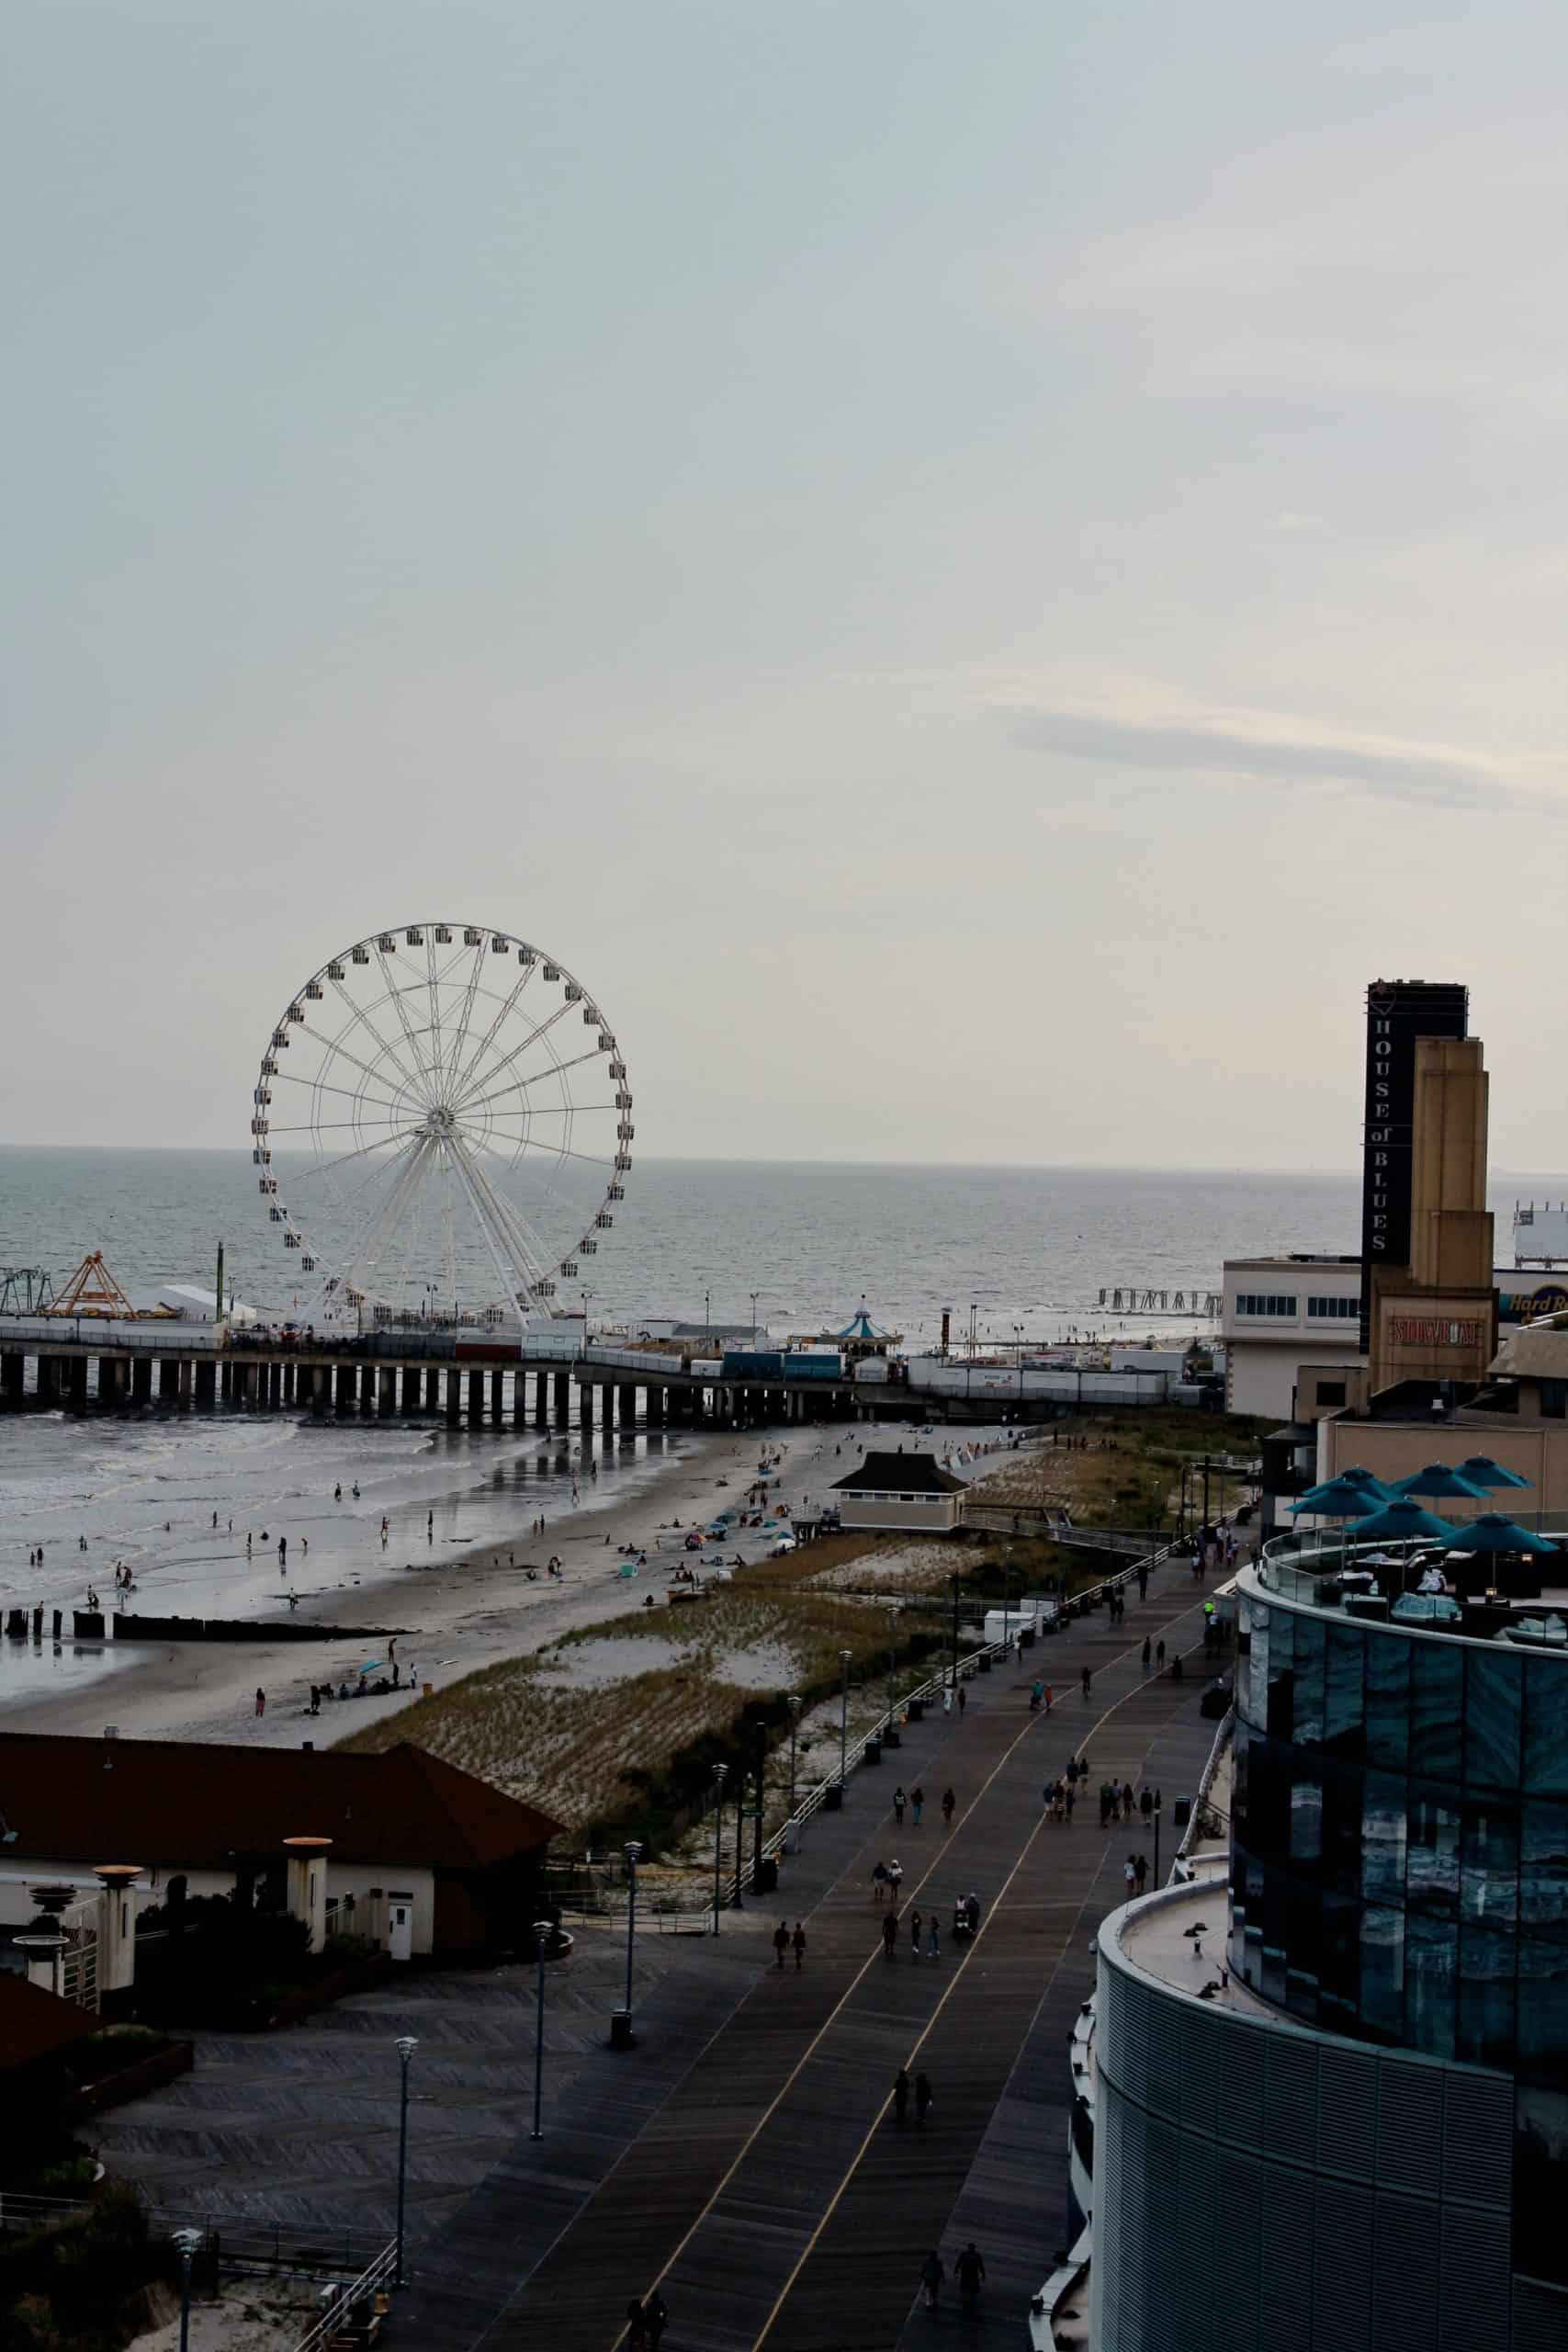 Atlantic City Photo by Chermel Porter on Unsplash